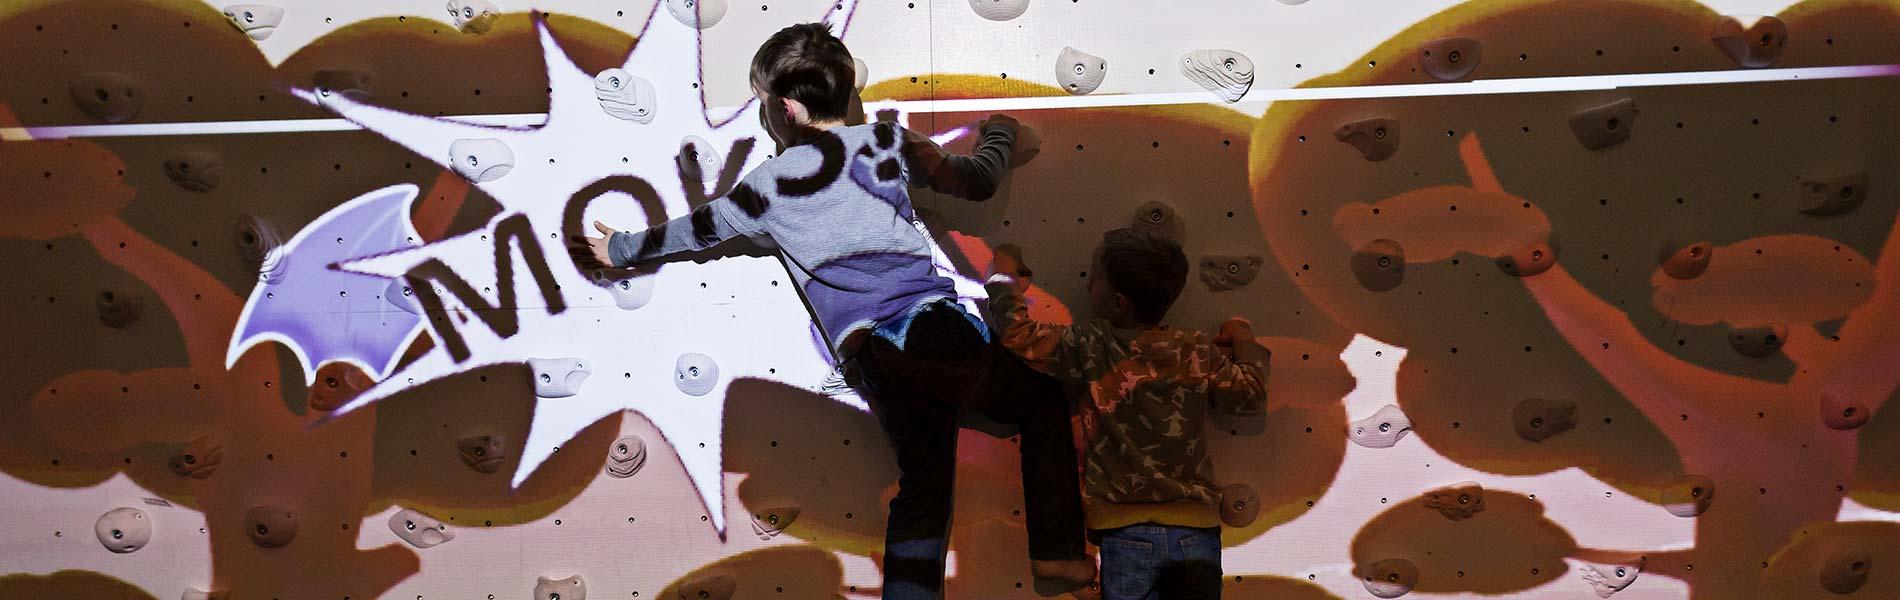 Barn spelar dataspel på en interaktiv klättervägg